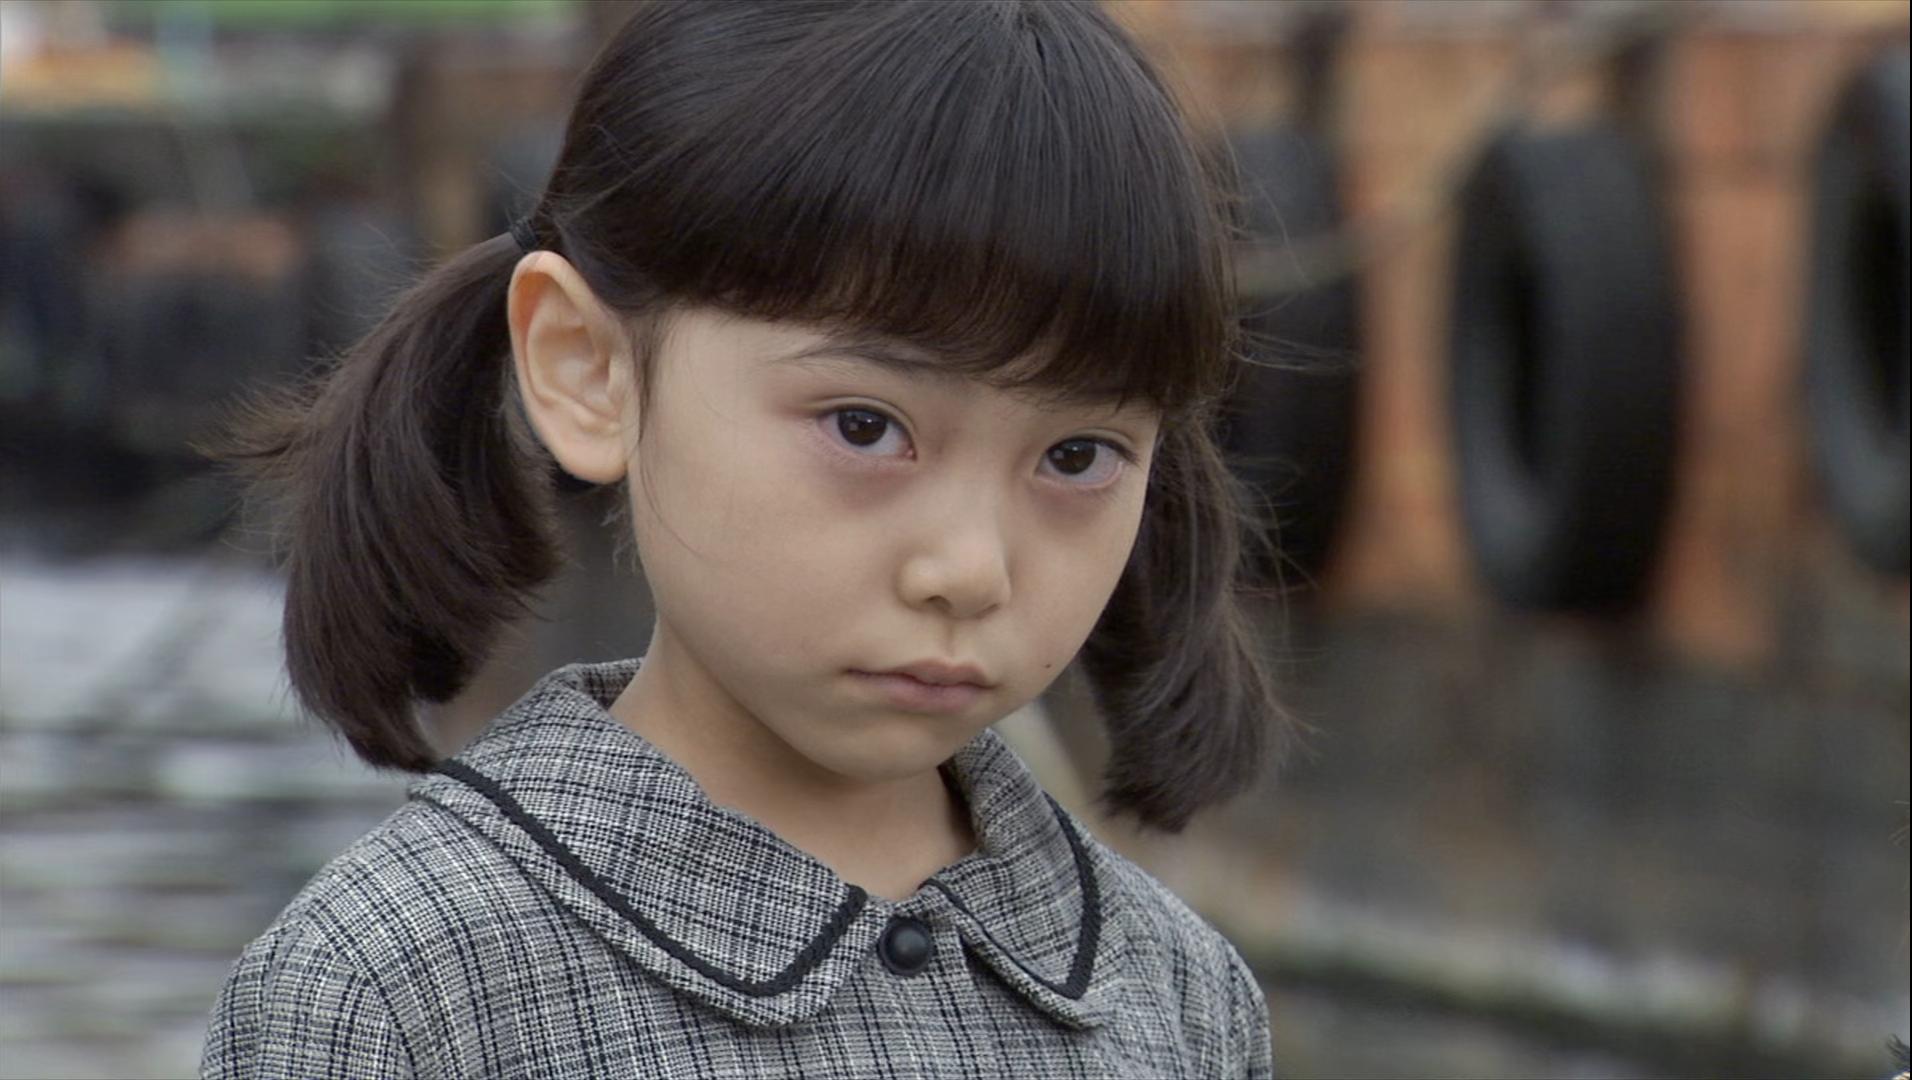 Asuka Kusuhara